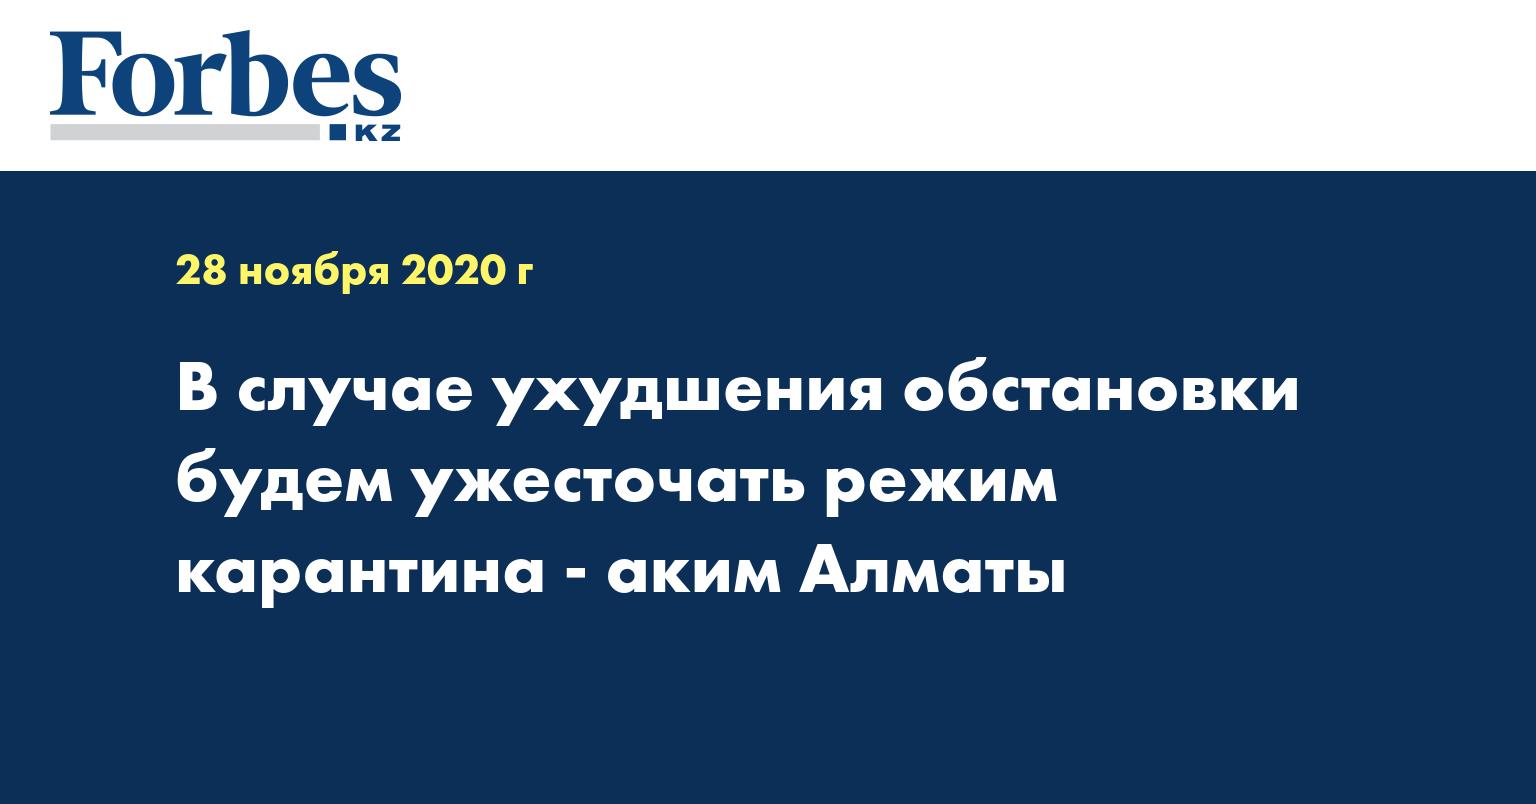 В случае ухудшения обстановки будем ужесточать режим карантина - аким Алматы